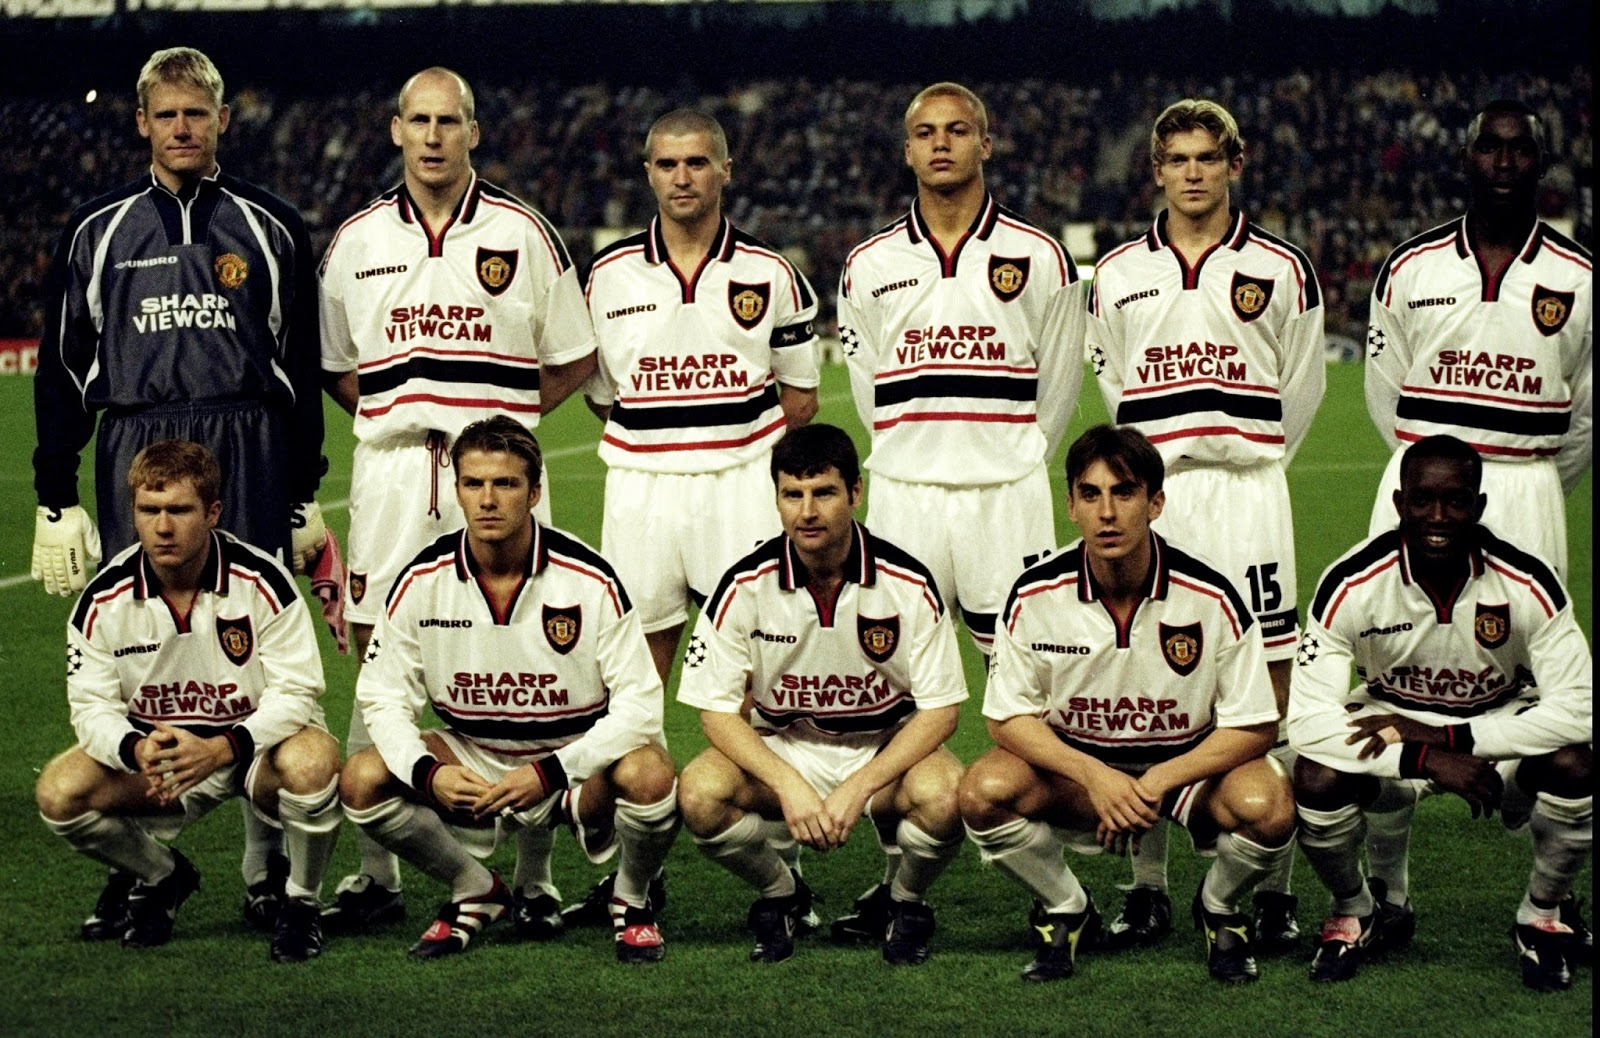 Wolves Vs Man United Wallpaper: Soccer Nostalgia: Old Team Photographs-Part 29k